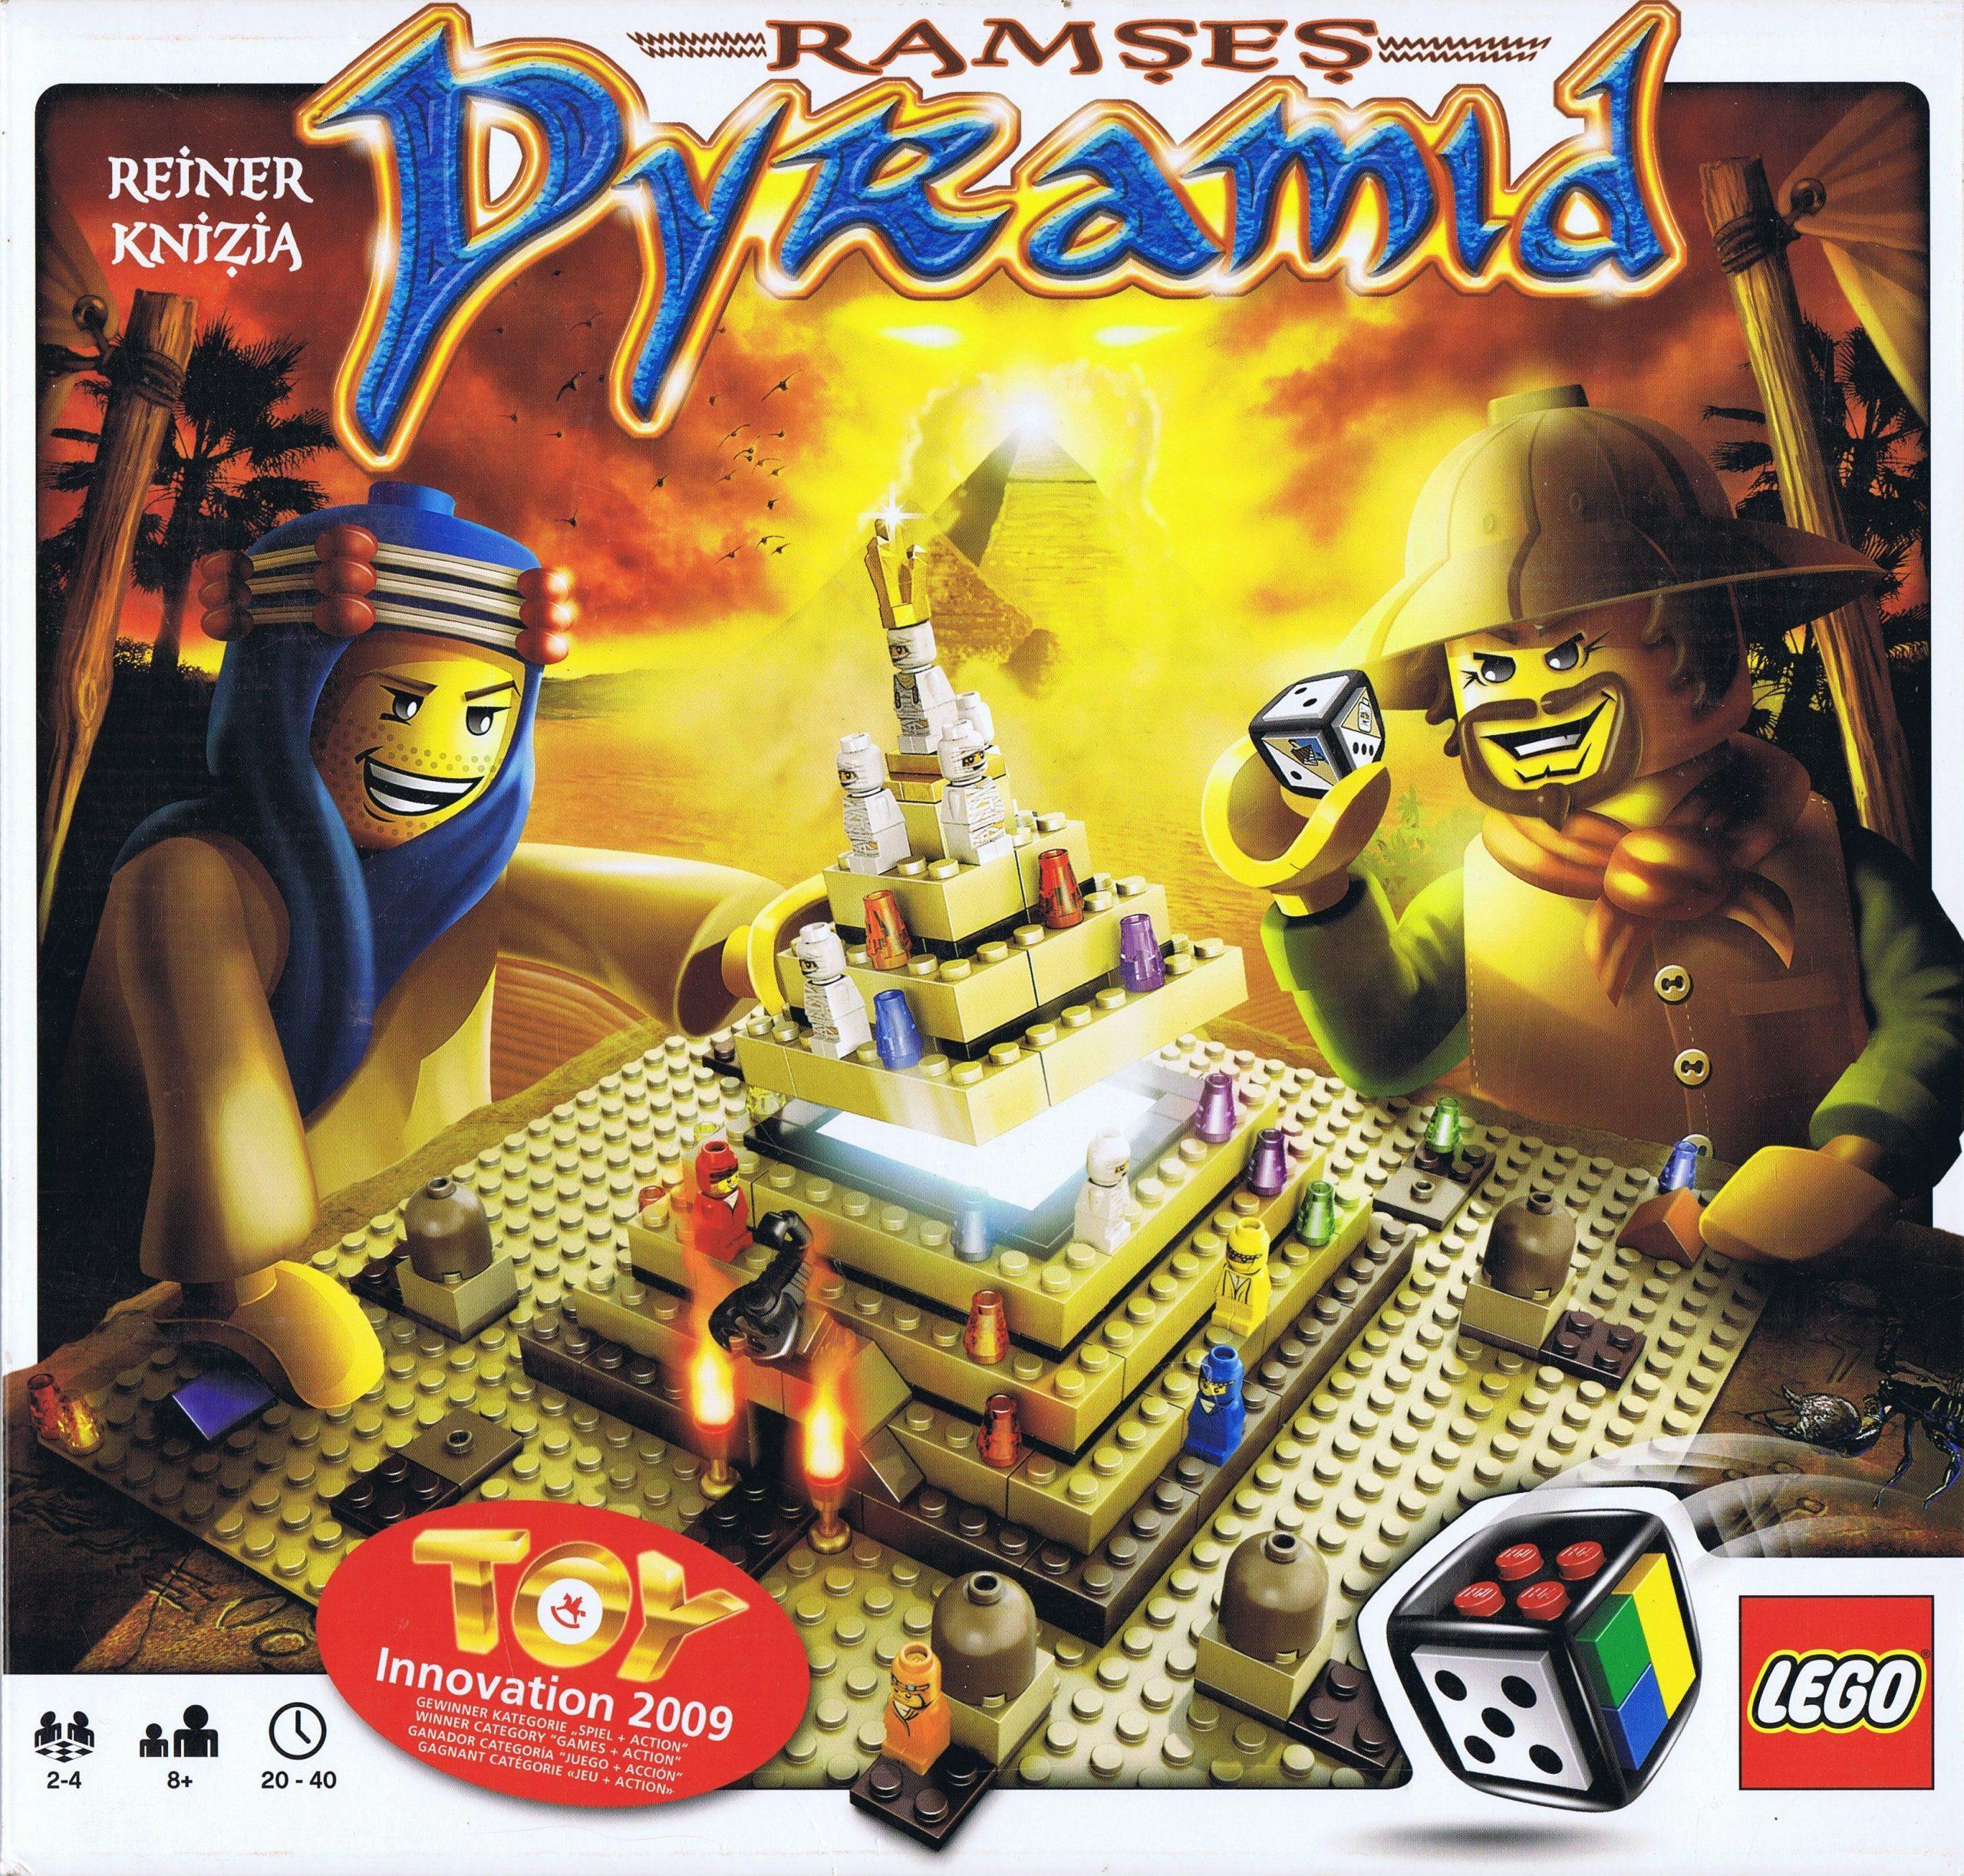 настольная игра Ramses Pyramid Пирамида Рамзеса